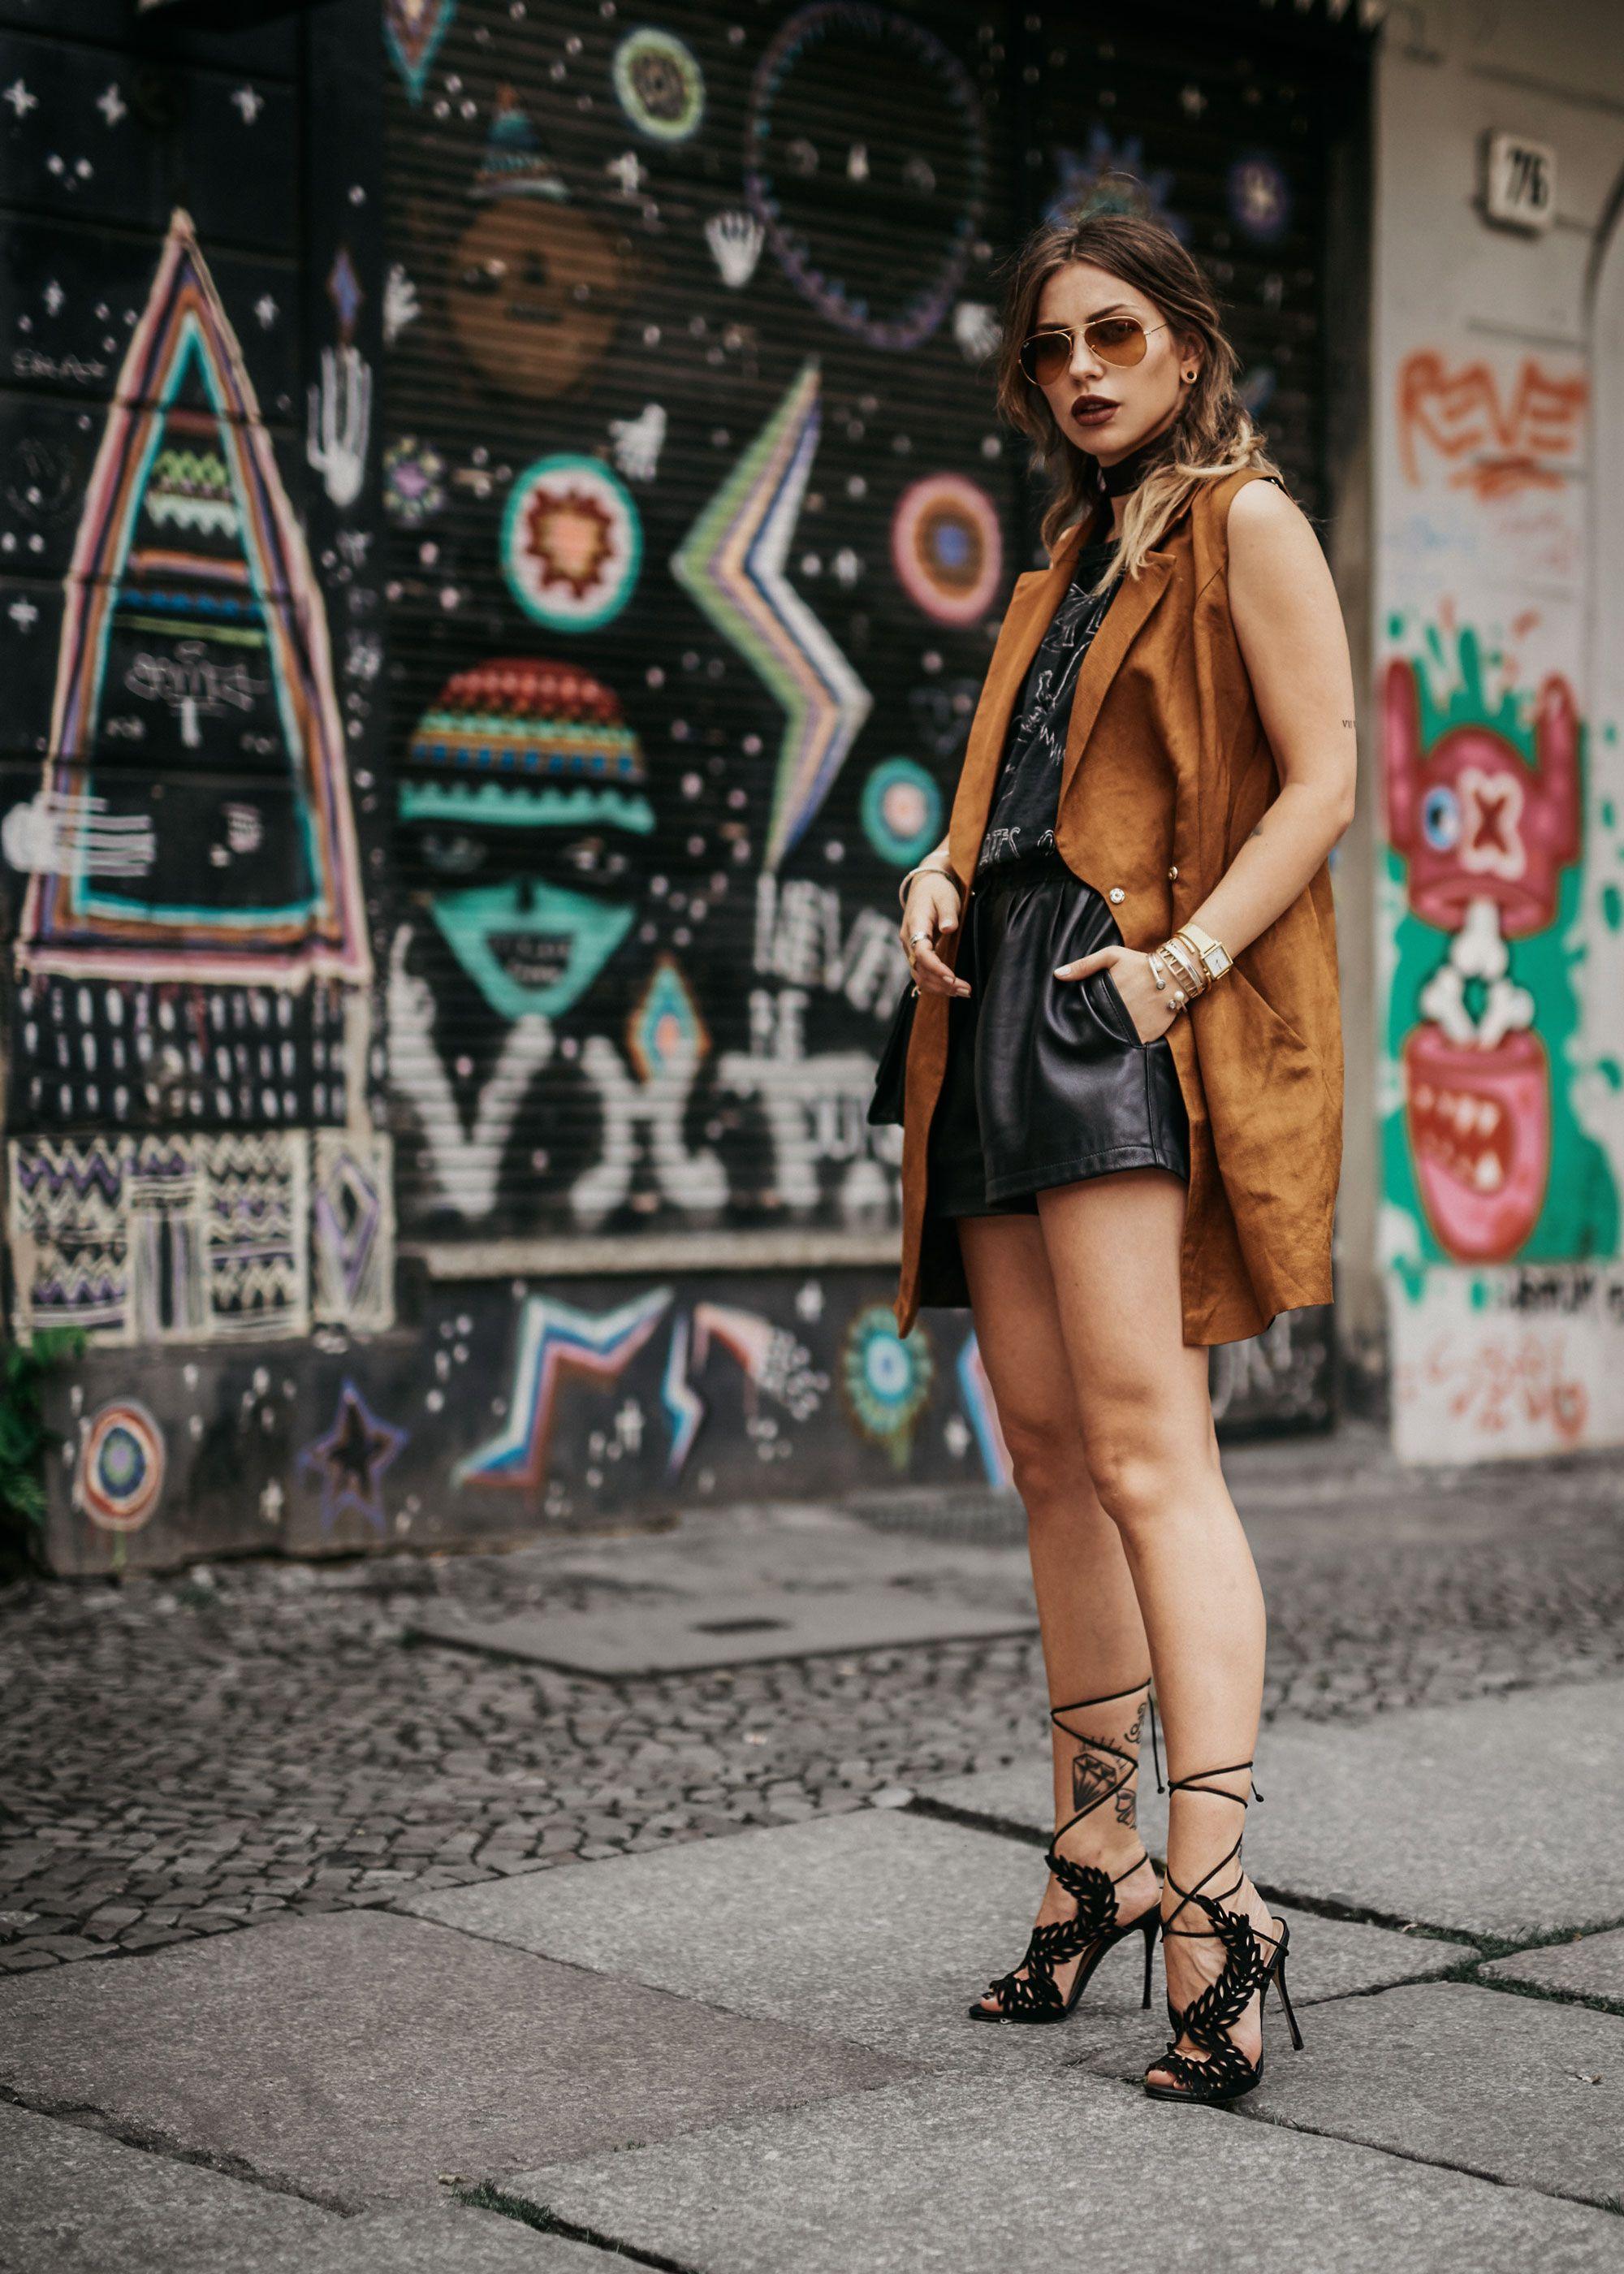 Die Sorgen des Älterwerdens   Mode aus Berlin   Outfit Style  rockig,  grunge, cool, party, alternativ, sexy   goldene Weste Kleid von Undress, ... 5673aa48c4